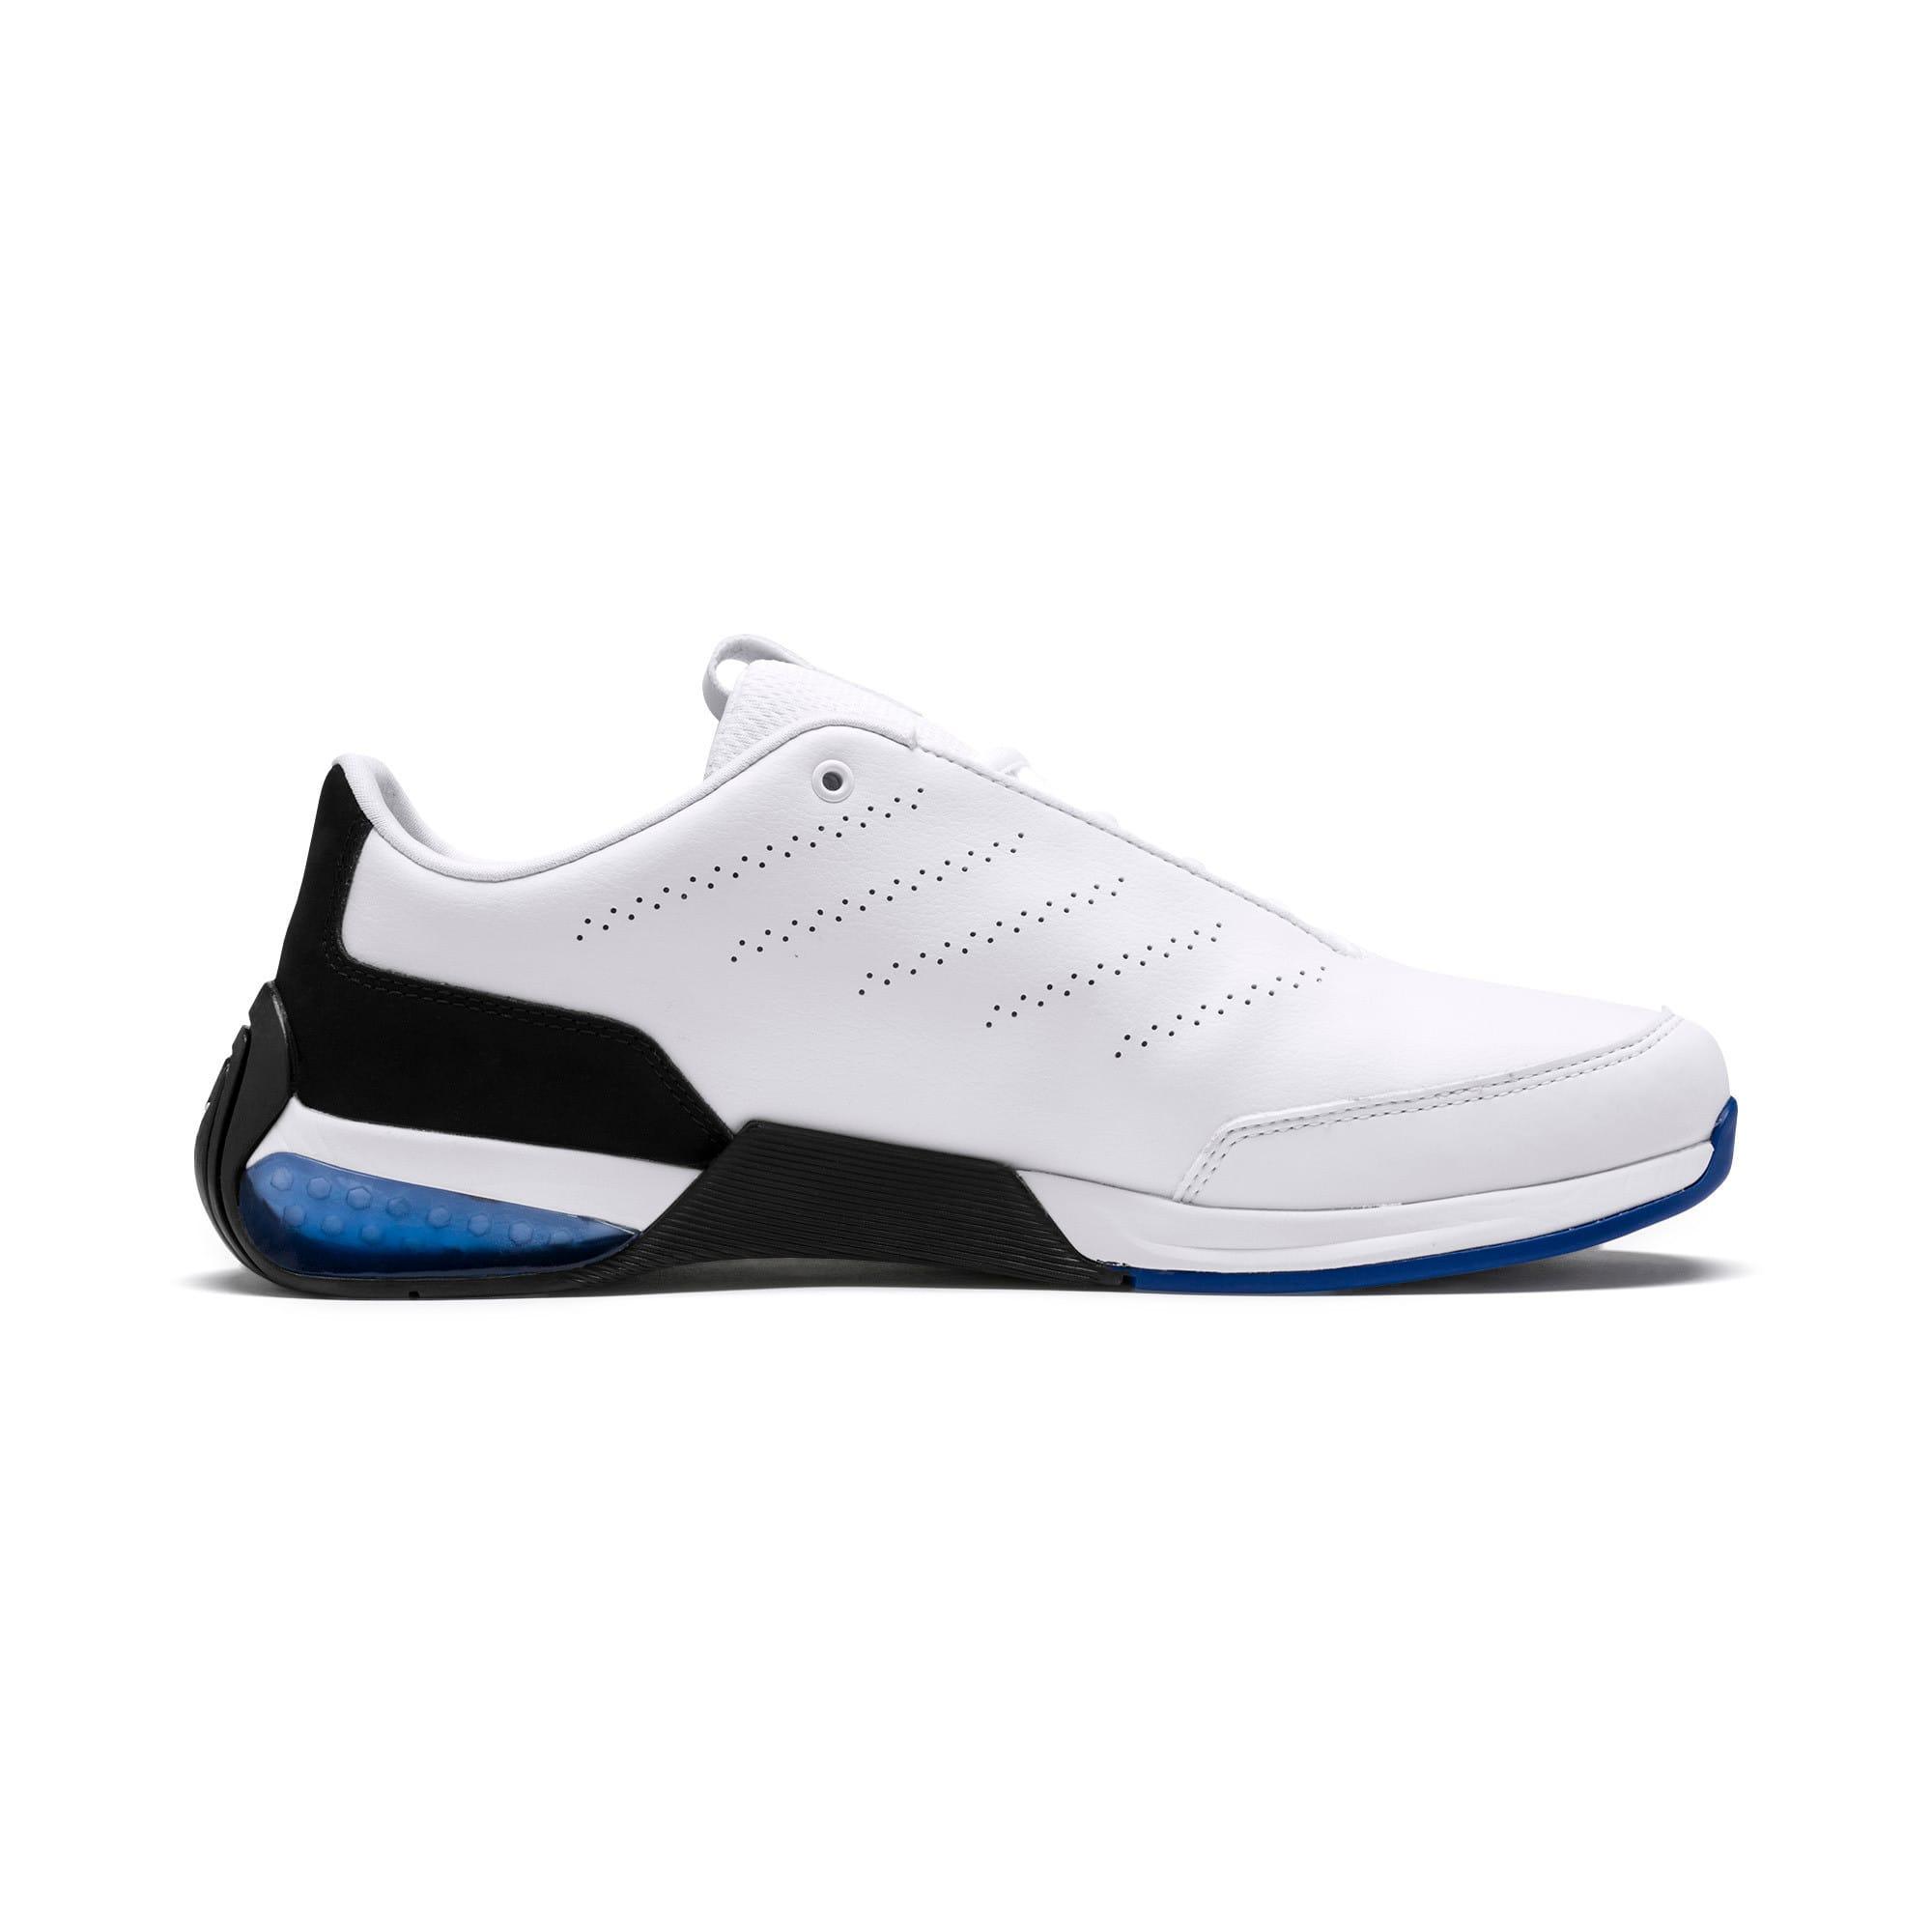 Miniatura 6 de Zapatos de entrenamiento Scuderia Ferrari Kart Cat X, Puma White-Puma Black, mediano